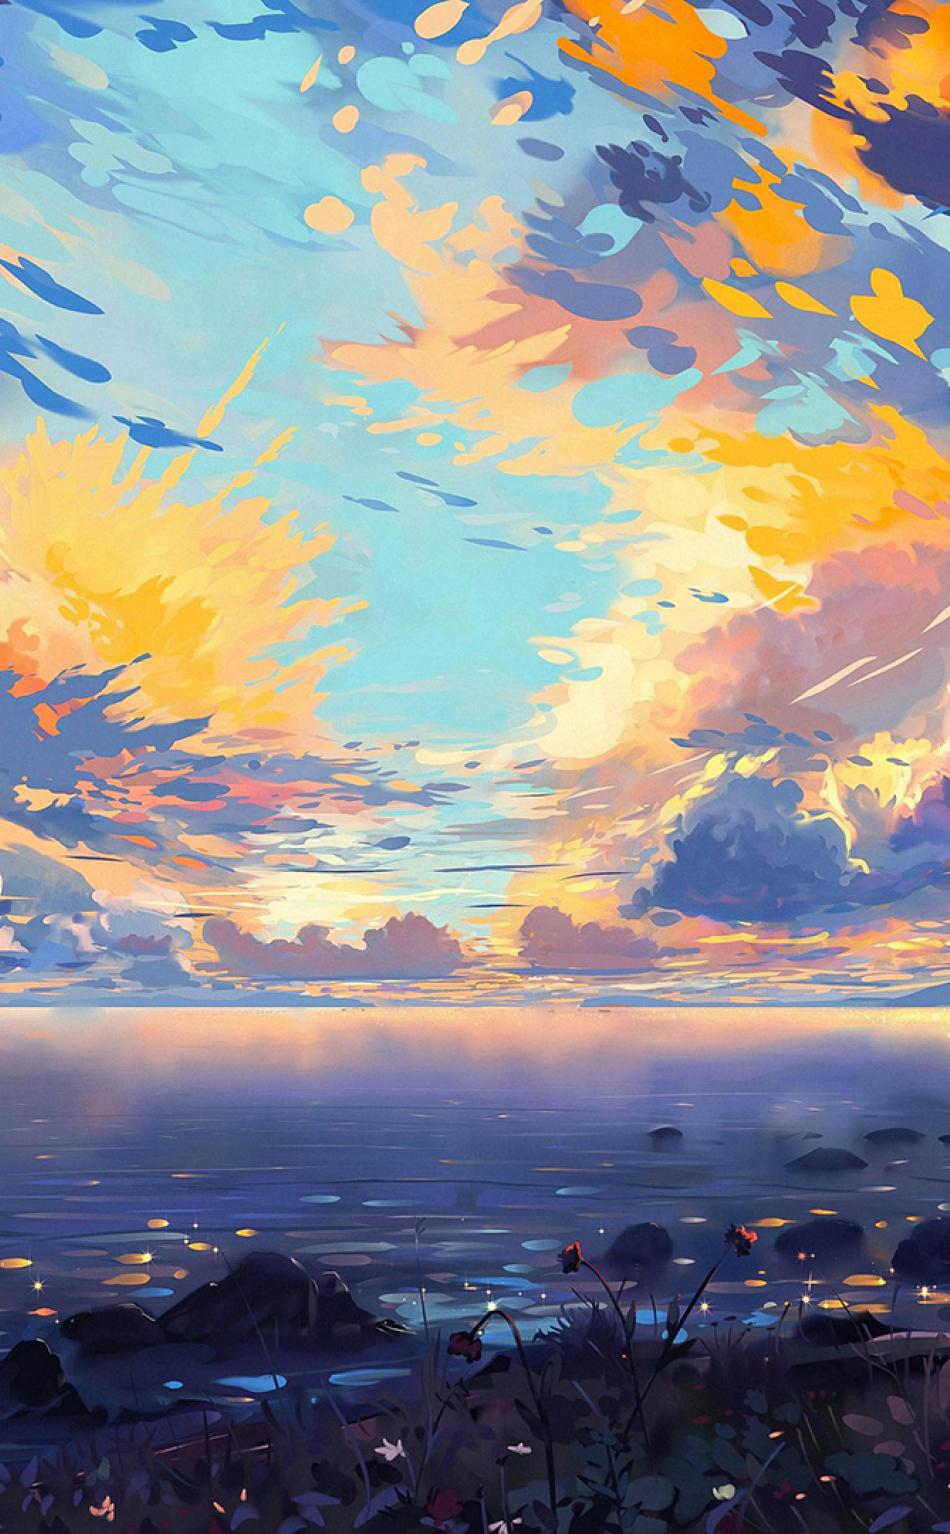 Alone Boy Standing Near Coast Boats Full Hd Wallpaper